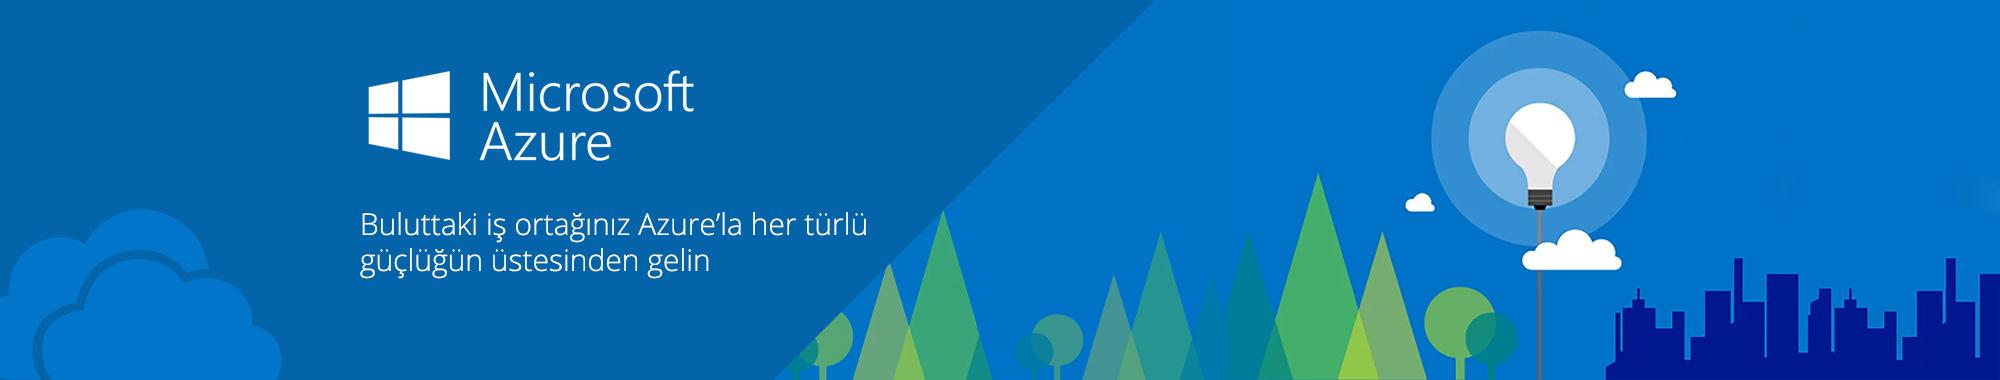 Microsoft Azure Hizmetleri